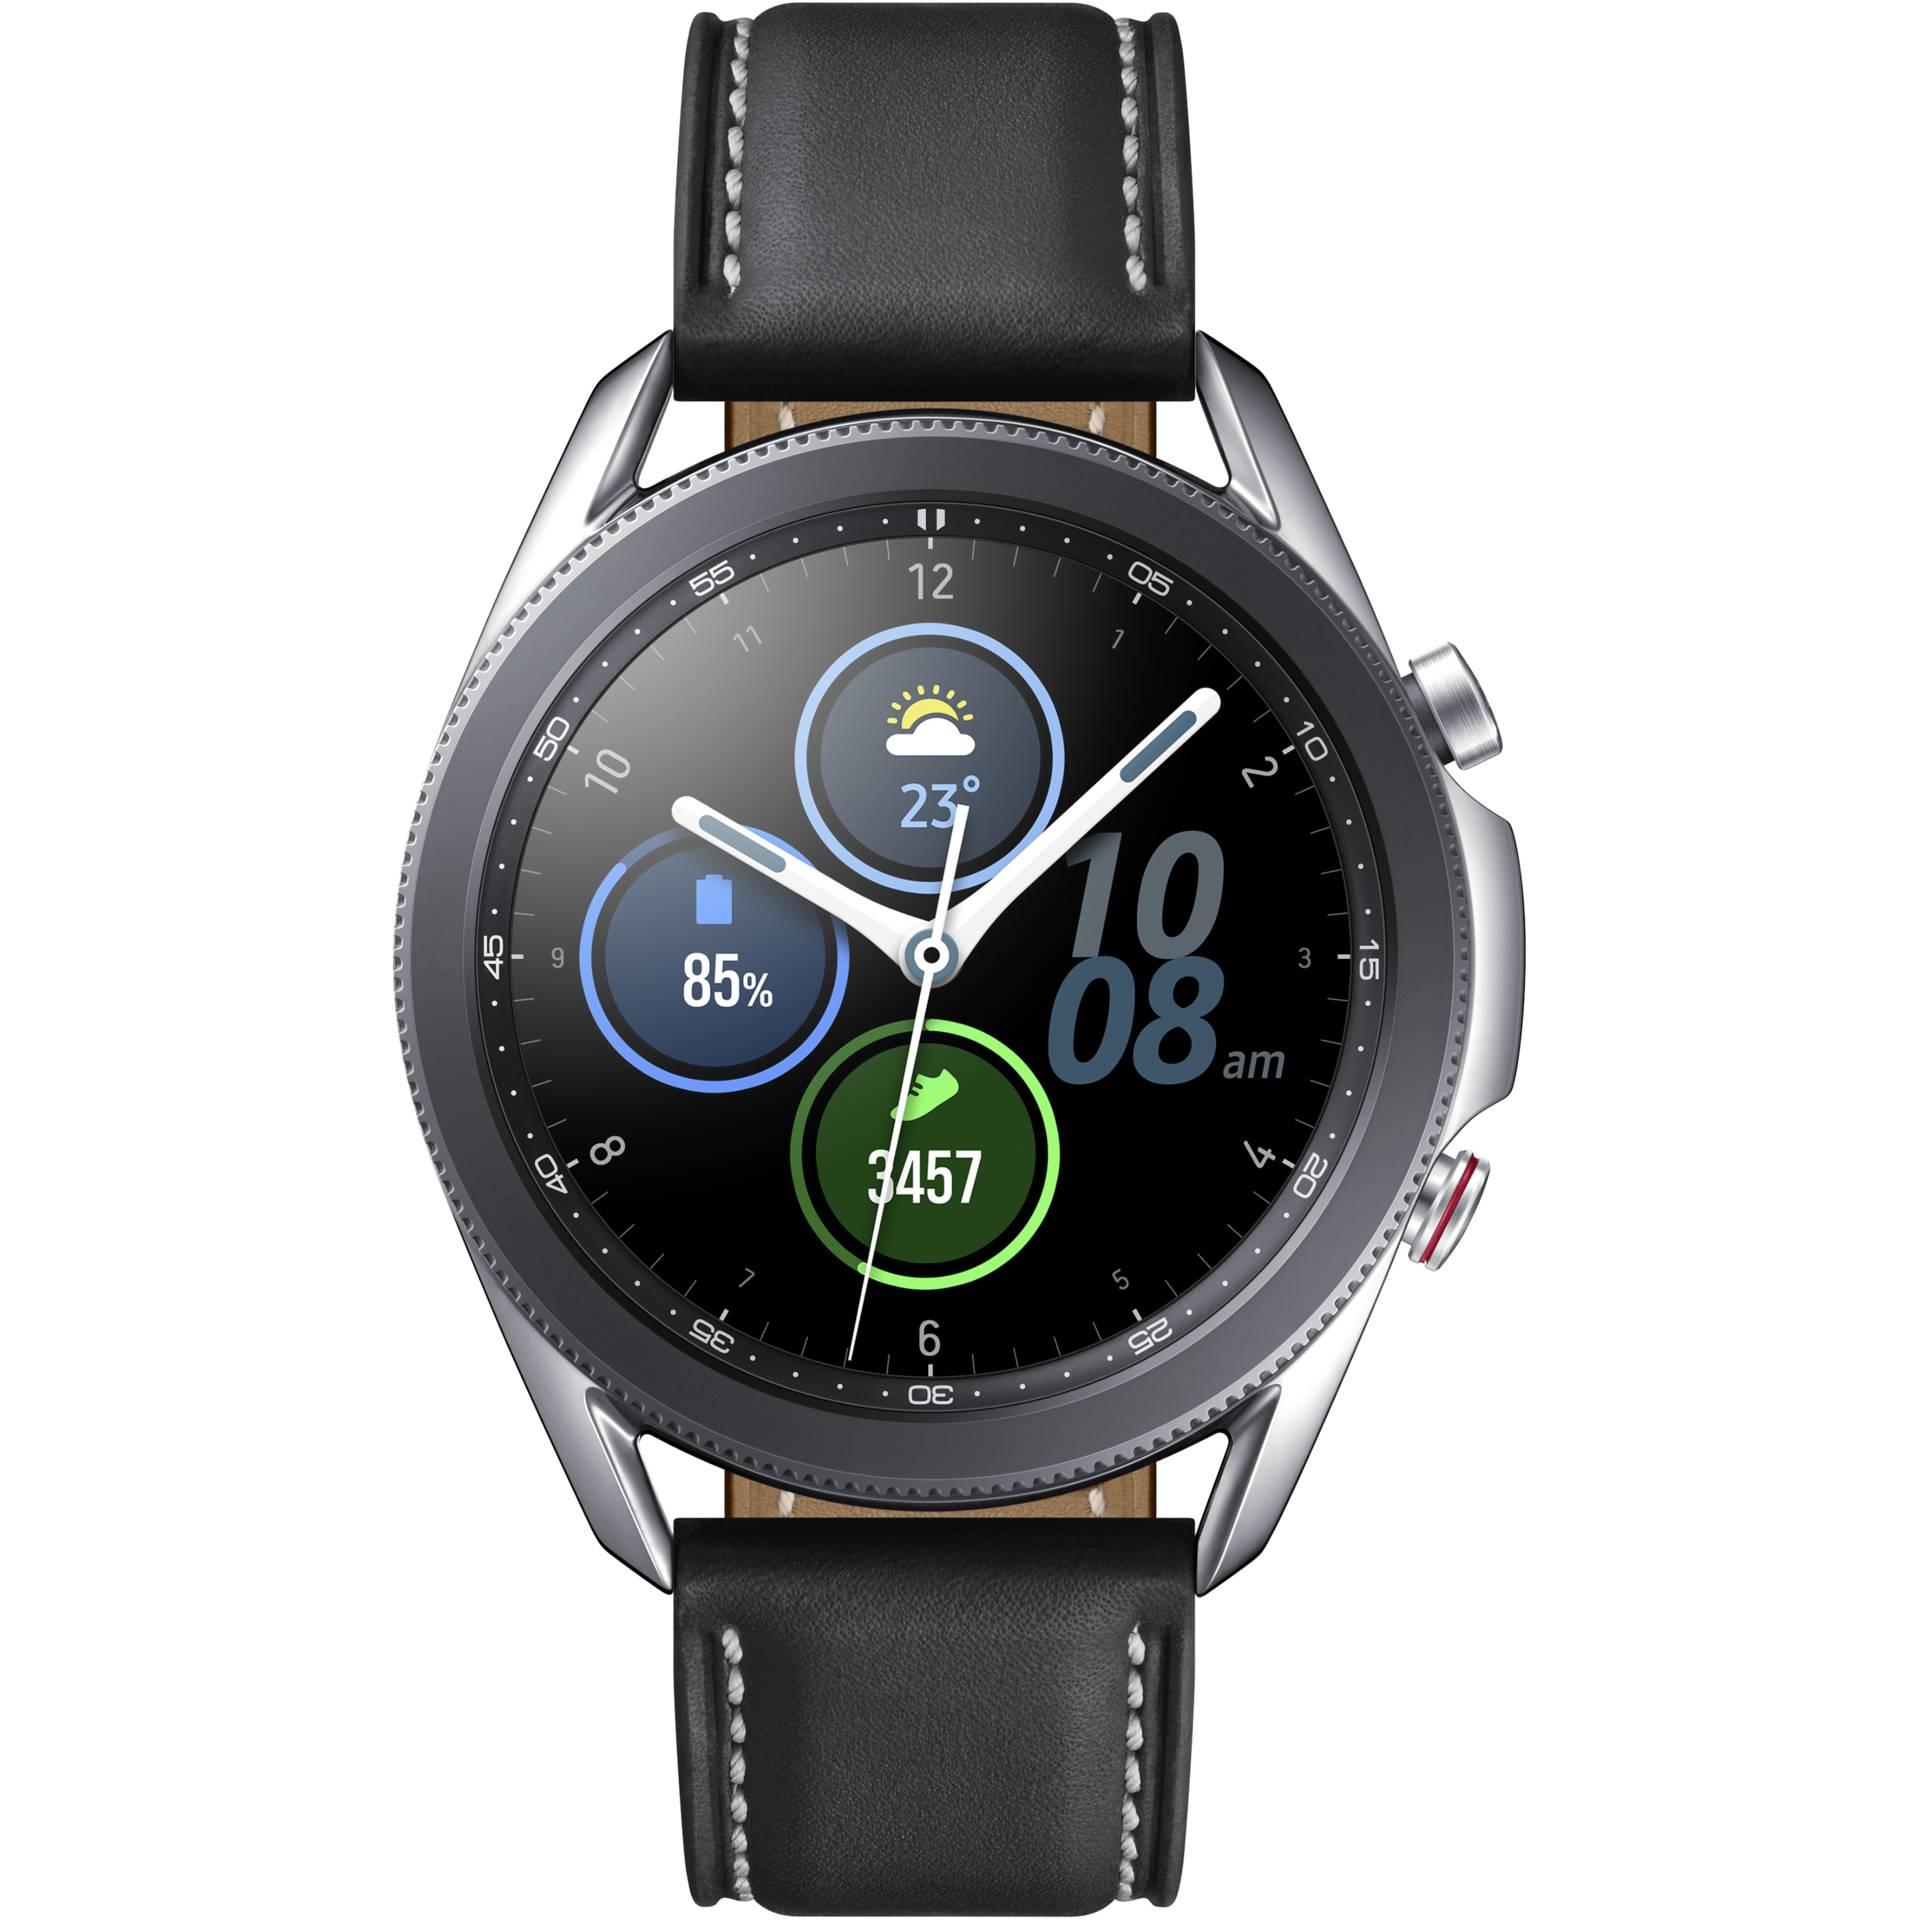 Samsung Galaxy Watch 3 LTE Mystic Silver (45mm)